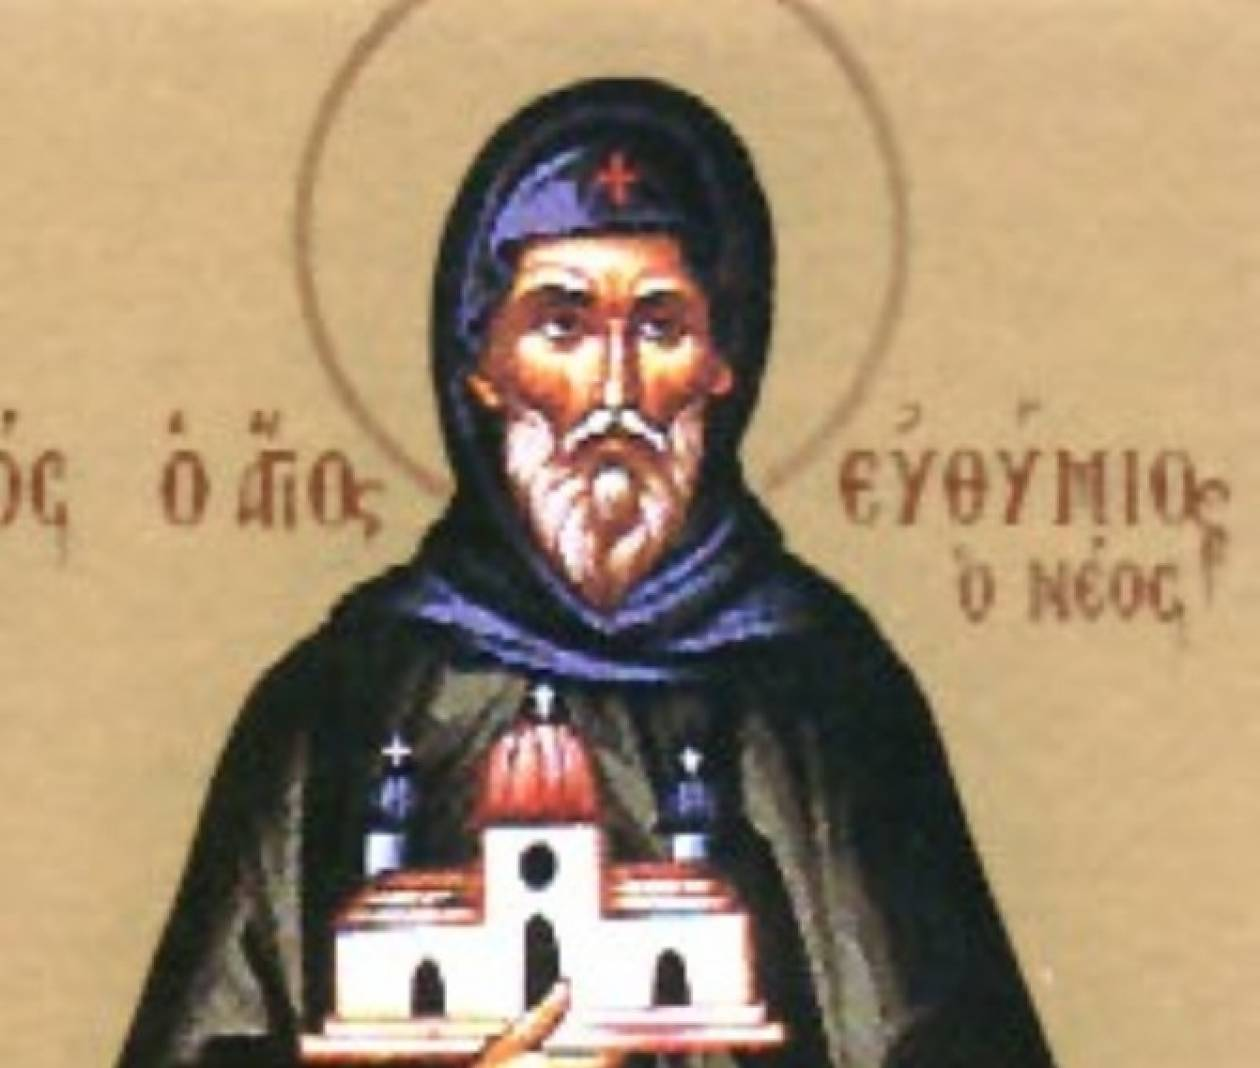 Ο Άγιος Ευθύμιος ο Νέος εορτάζει στις 15 Οκτωβρίου